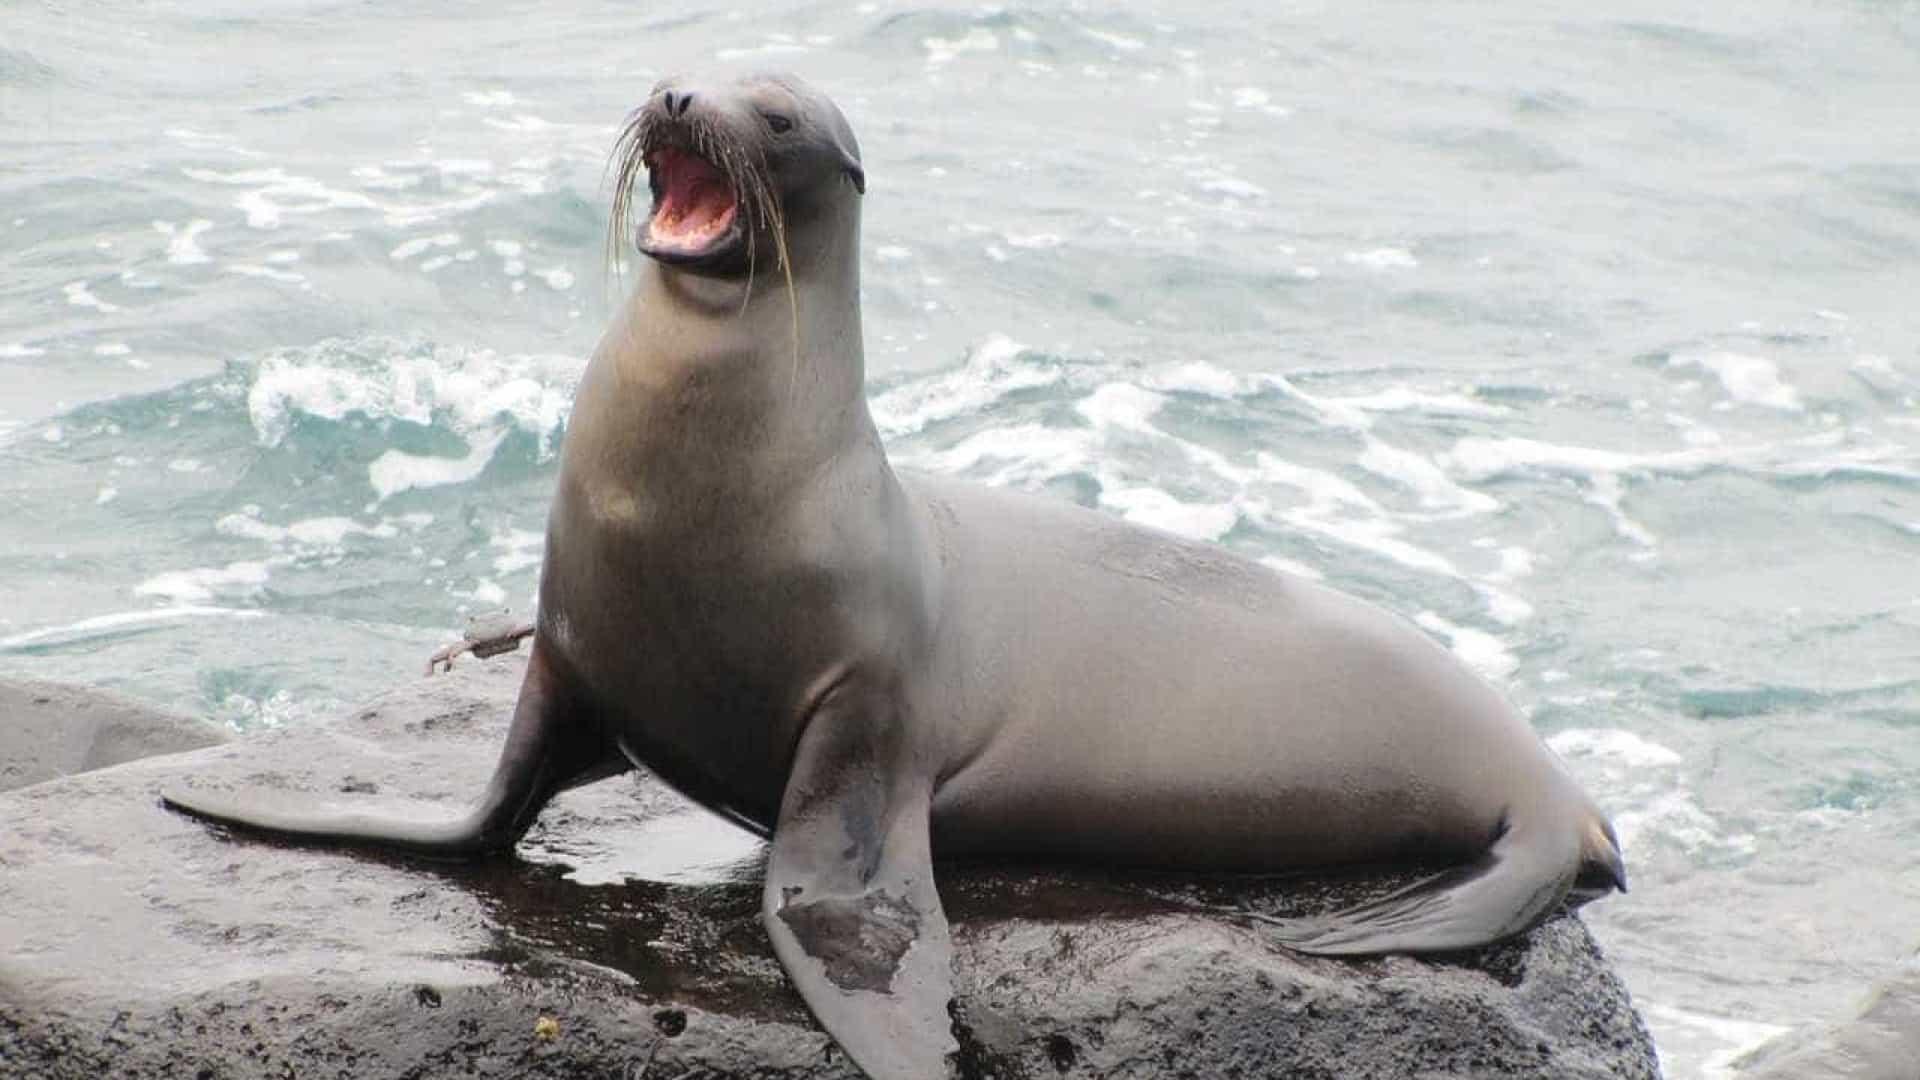 Leão-marinho - Características, hábitos, onde vivem e espécies